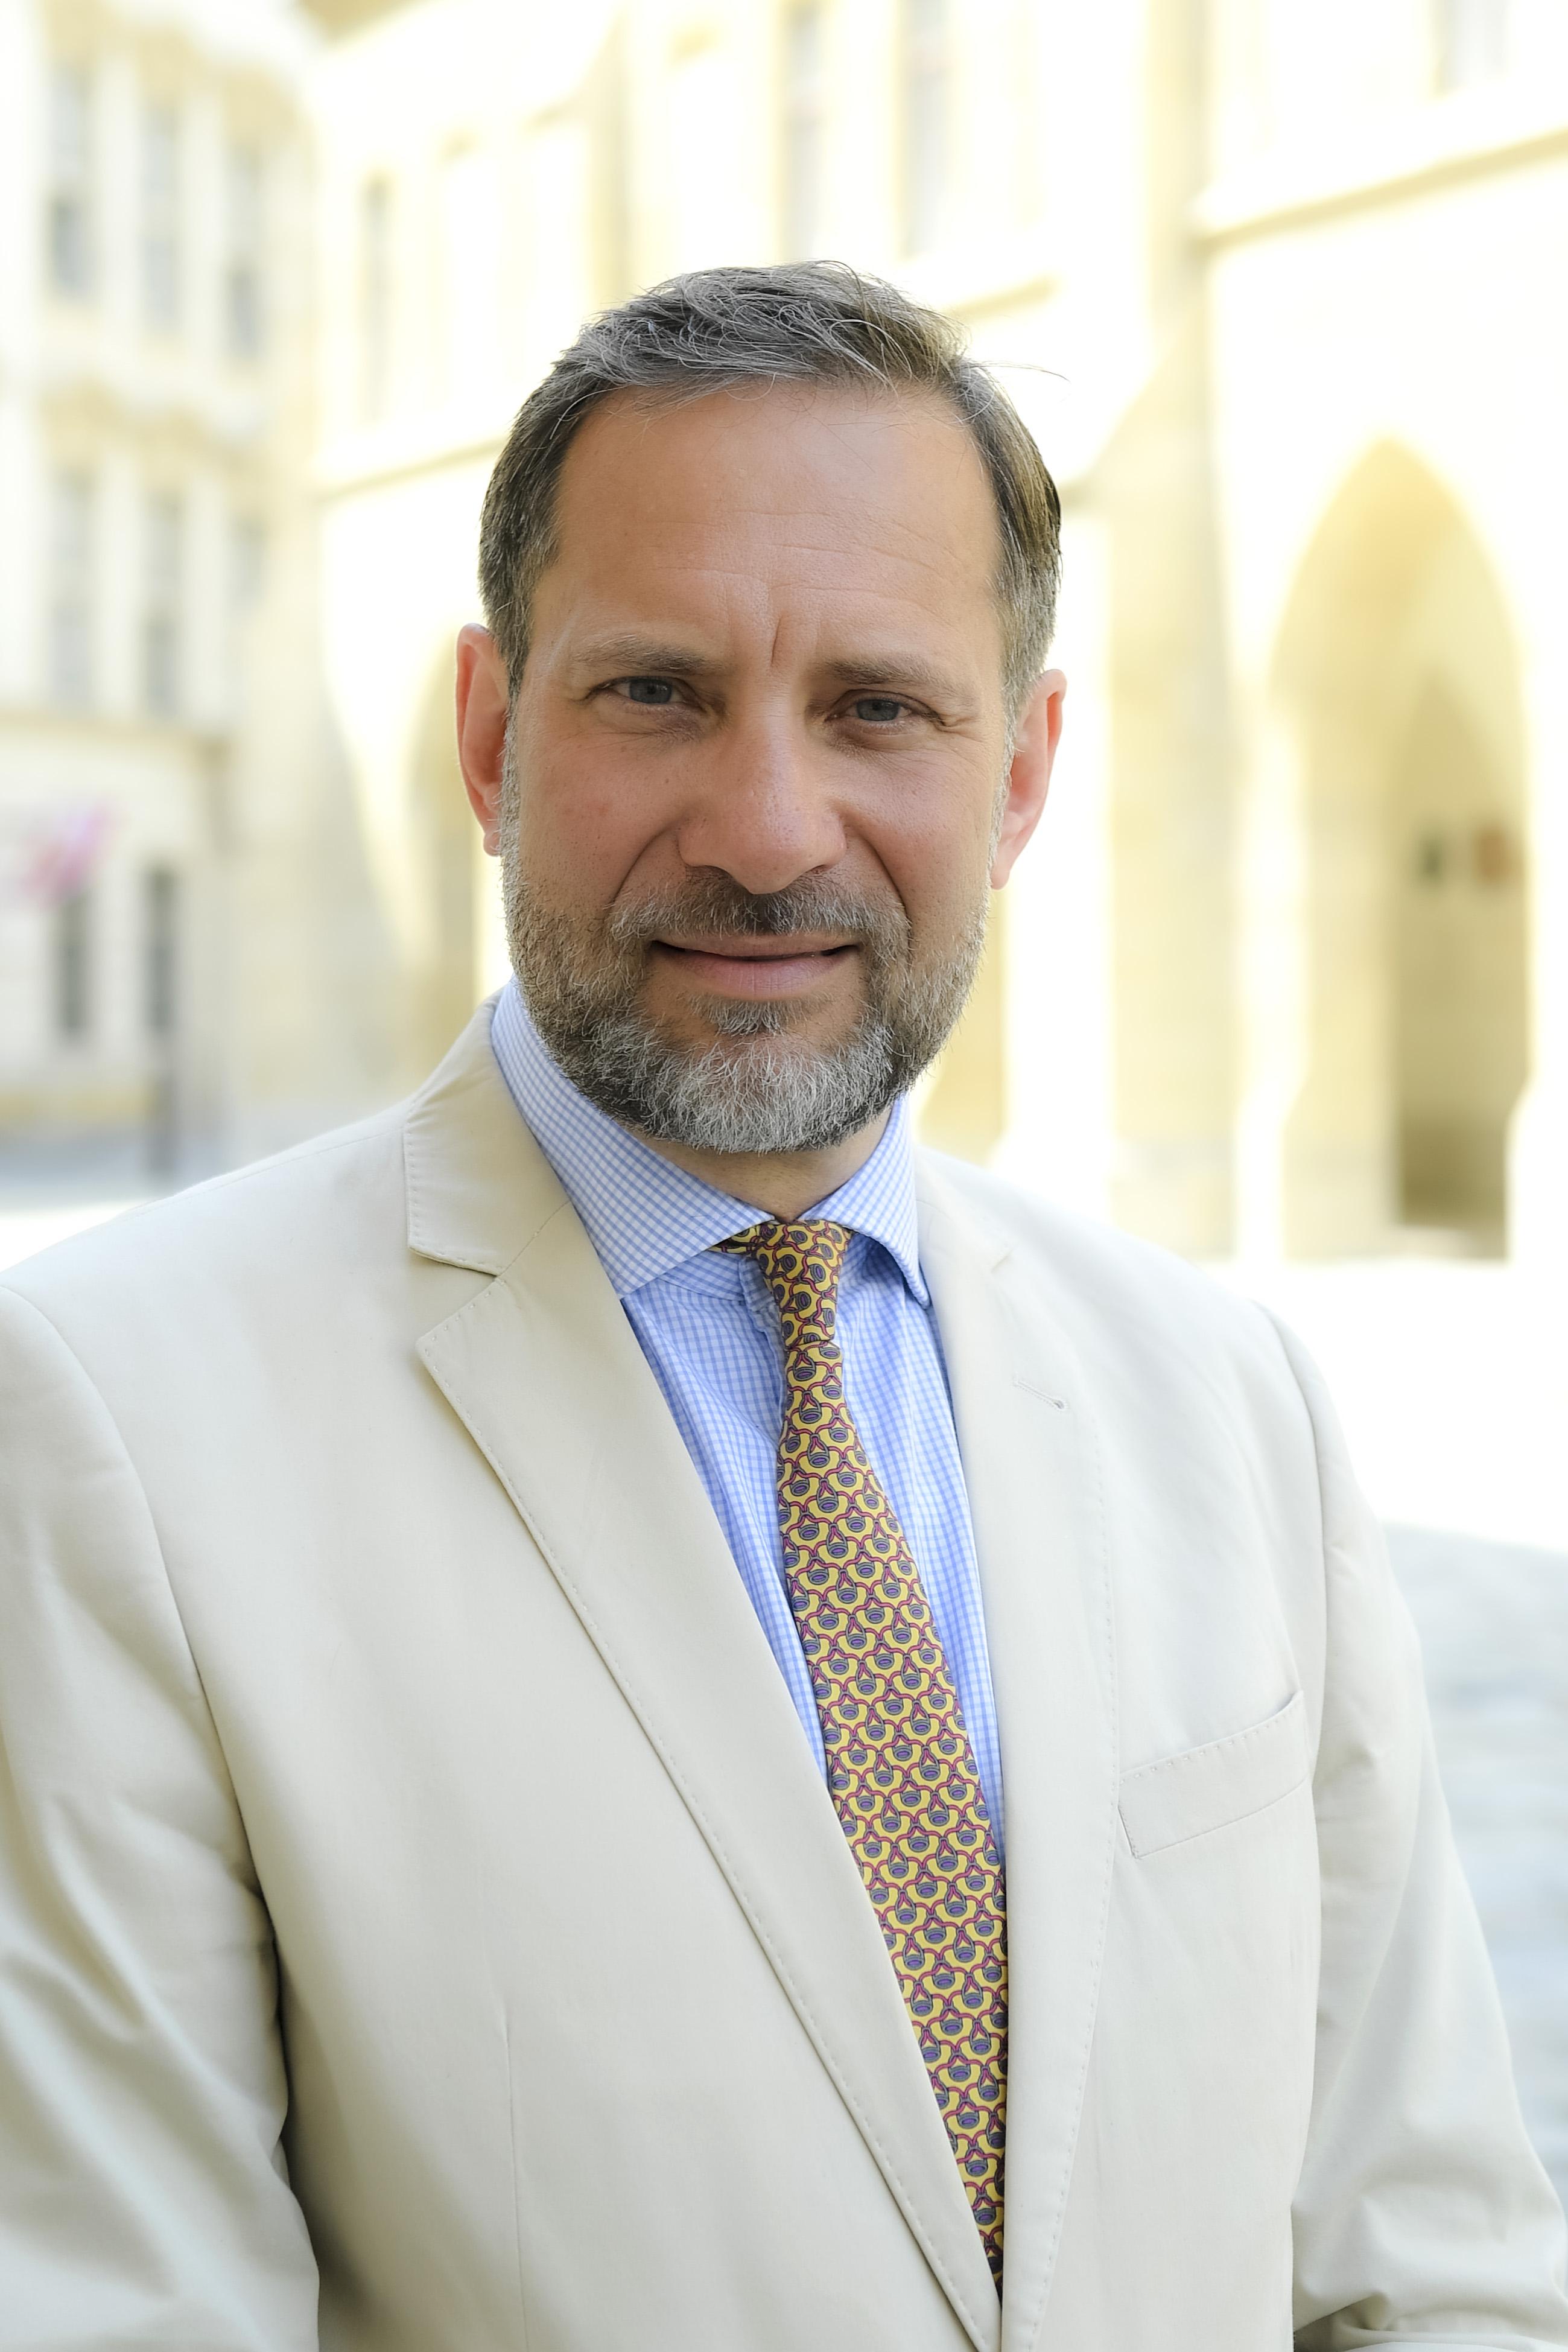 Michael Rendi